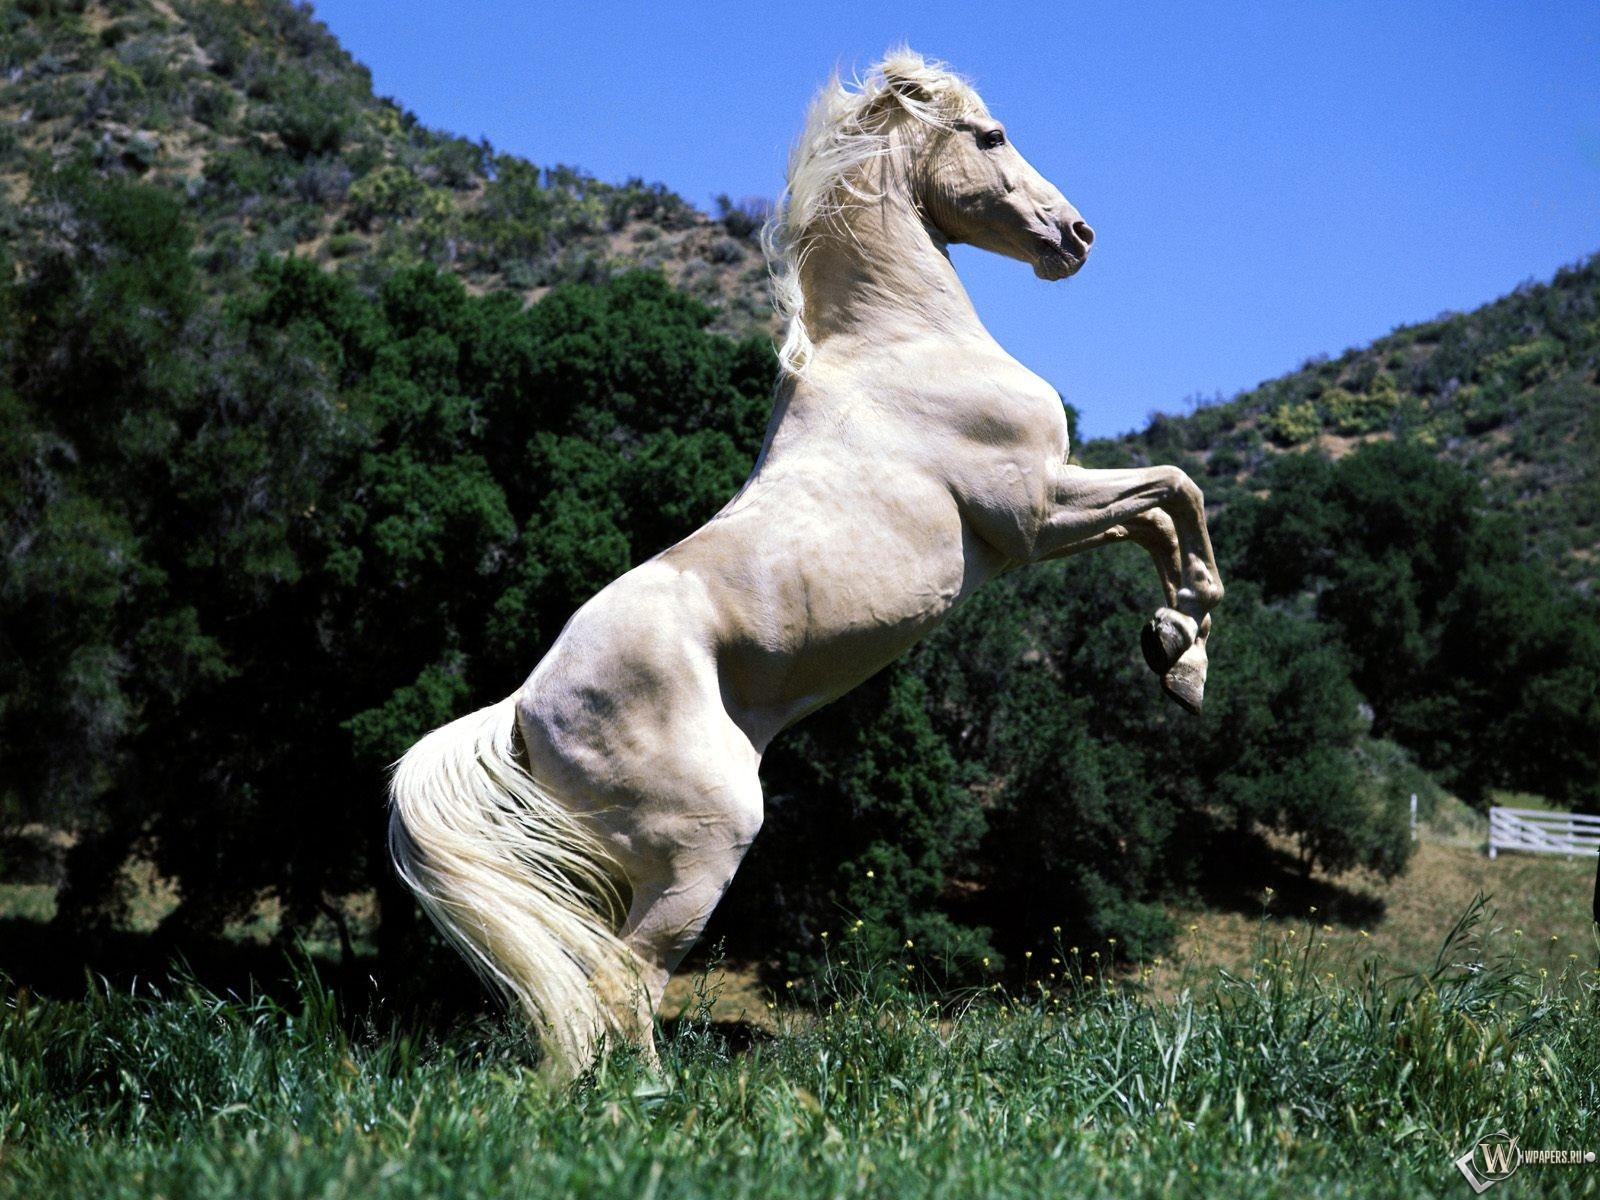 Белый конь встал на дыбы 1600x1200